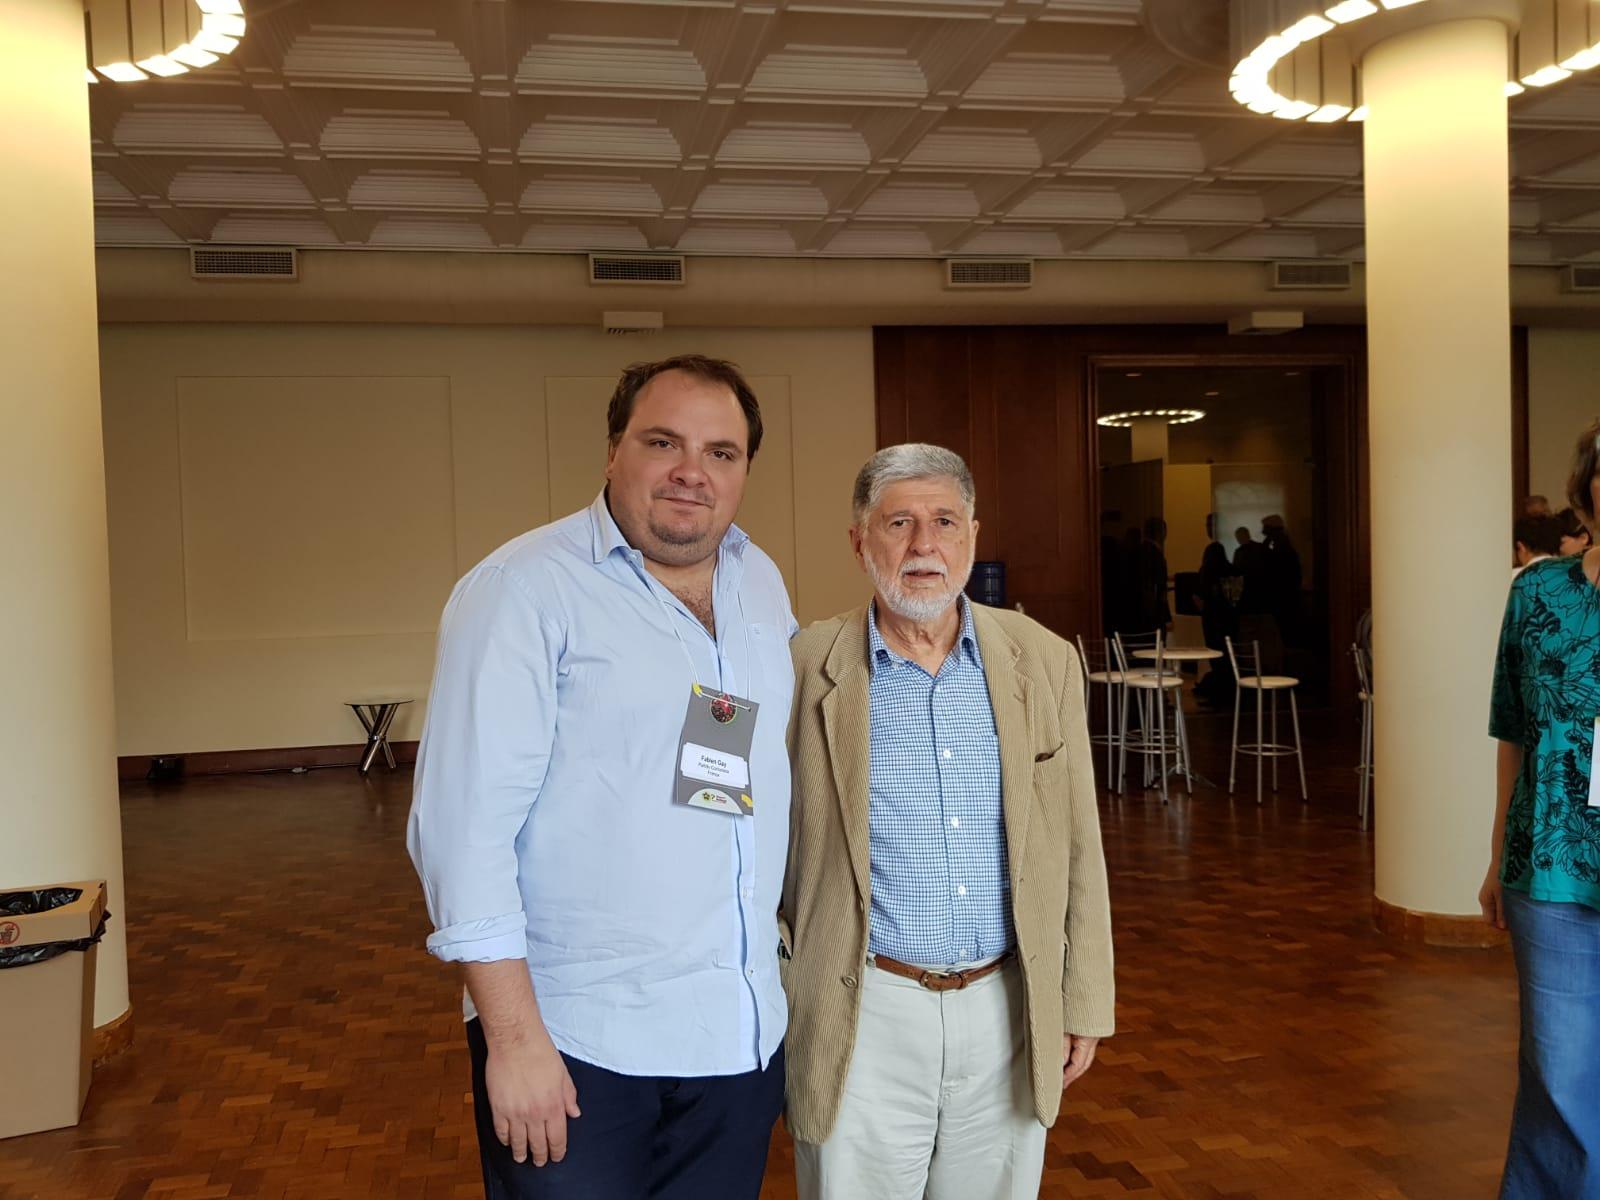 Rencontre avec Celso Amorim, président du comité international #LulaLivre.